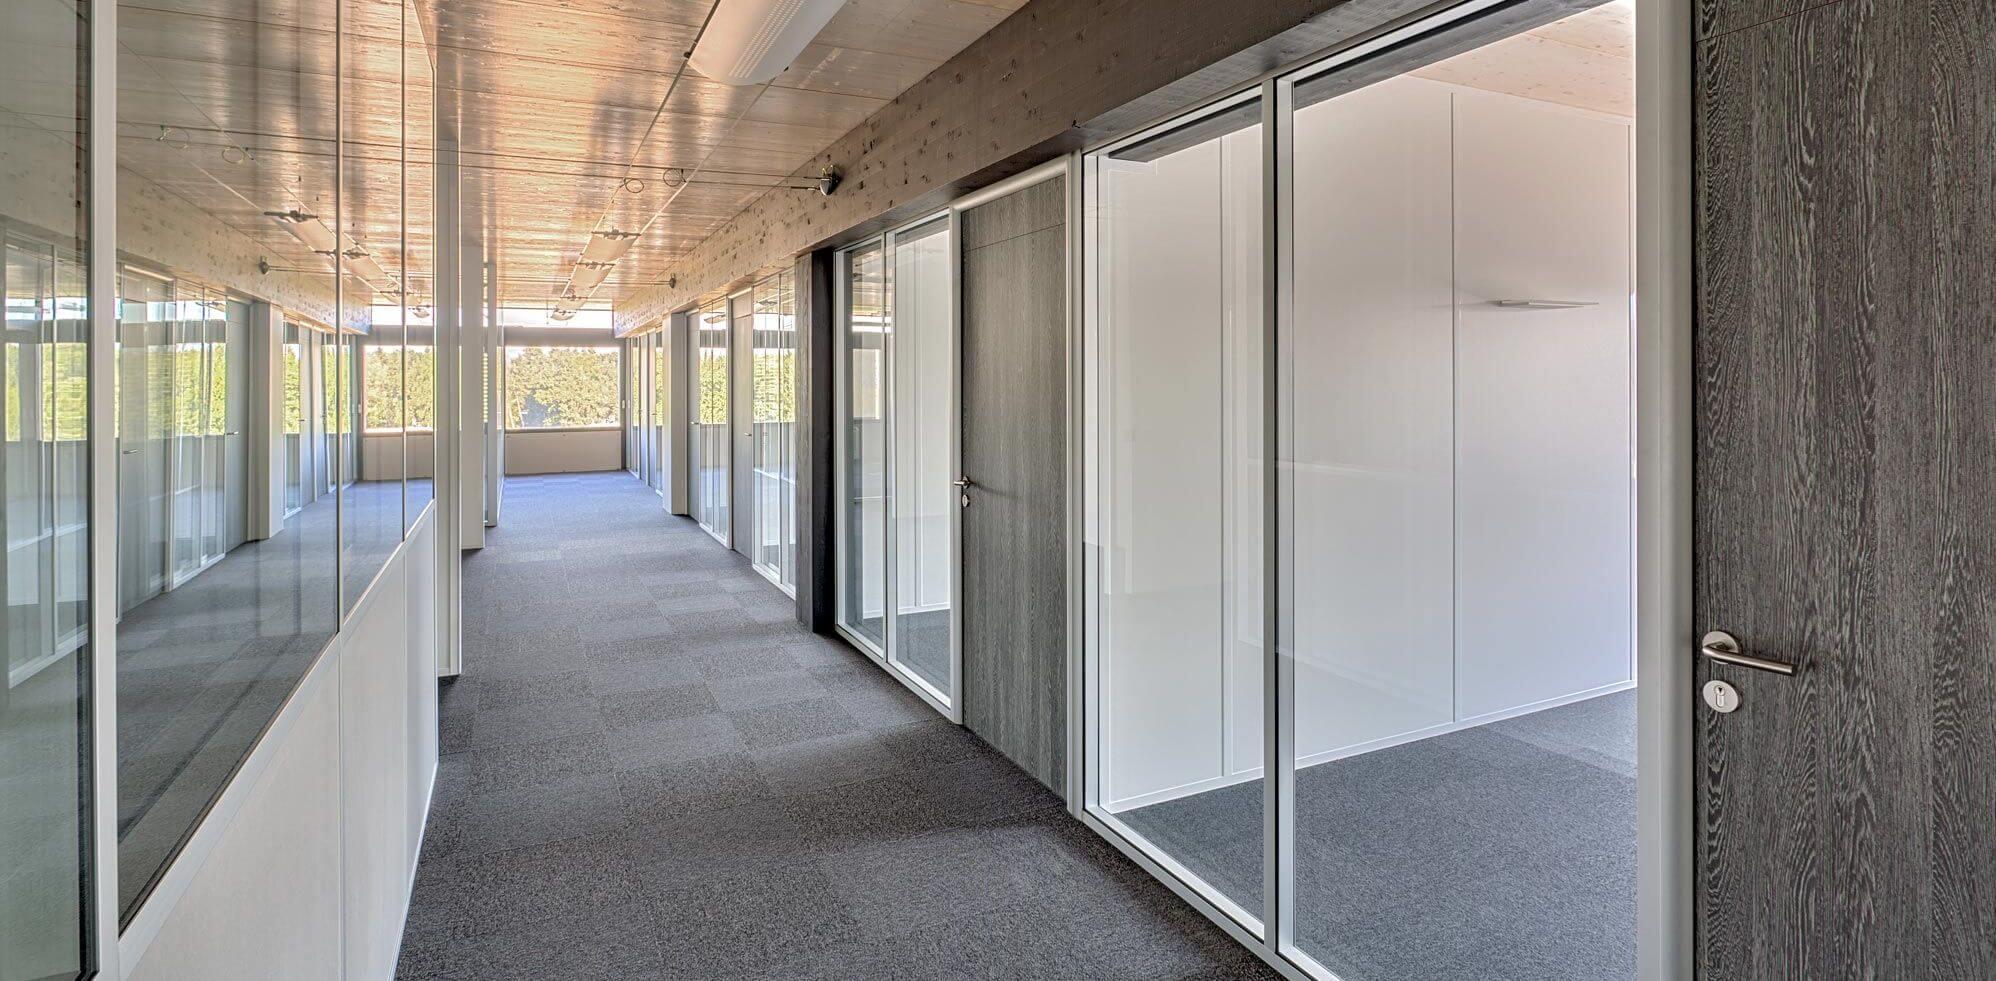 Cloisons démontables vitrées toute hauteur à couvre-joints & huisserie arrondie avec sa porte bois